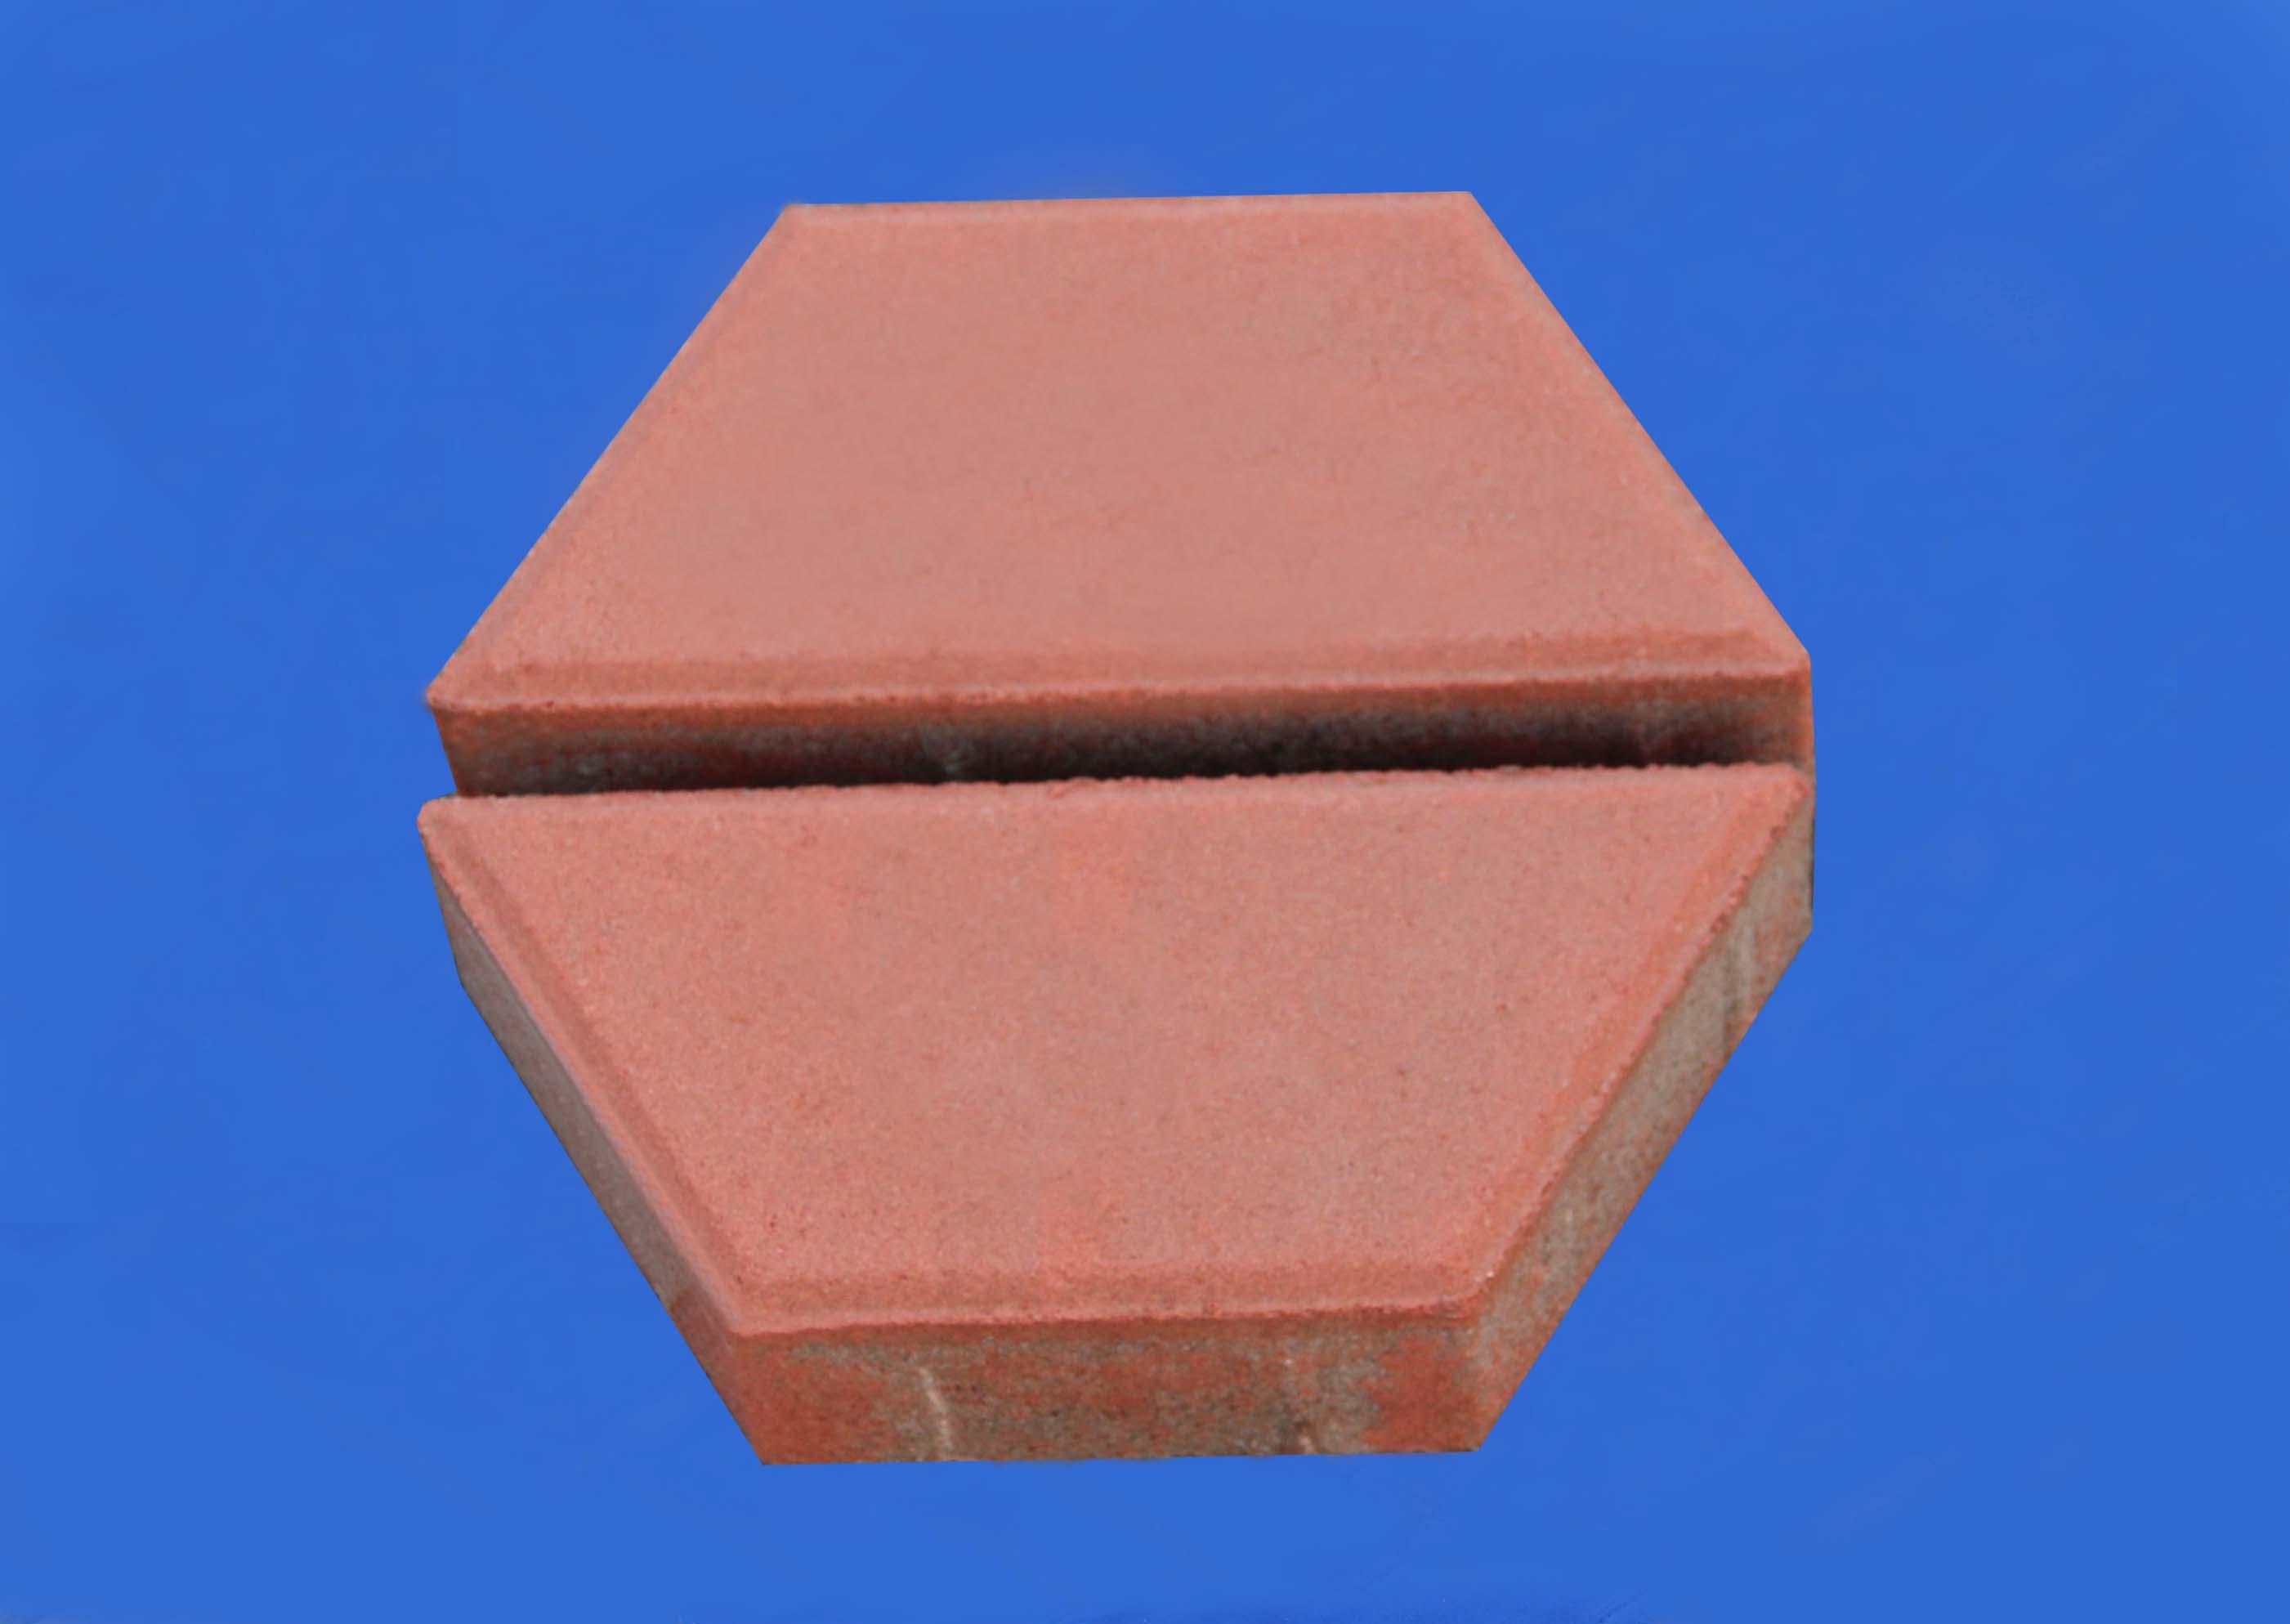 彩色地磚系列之通道梯形磚